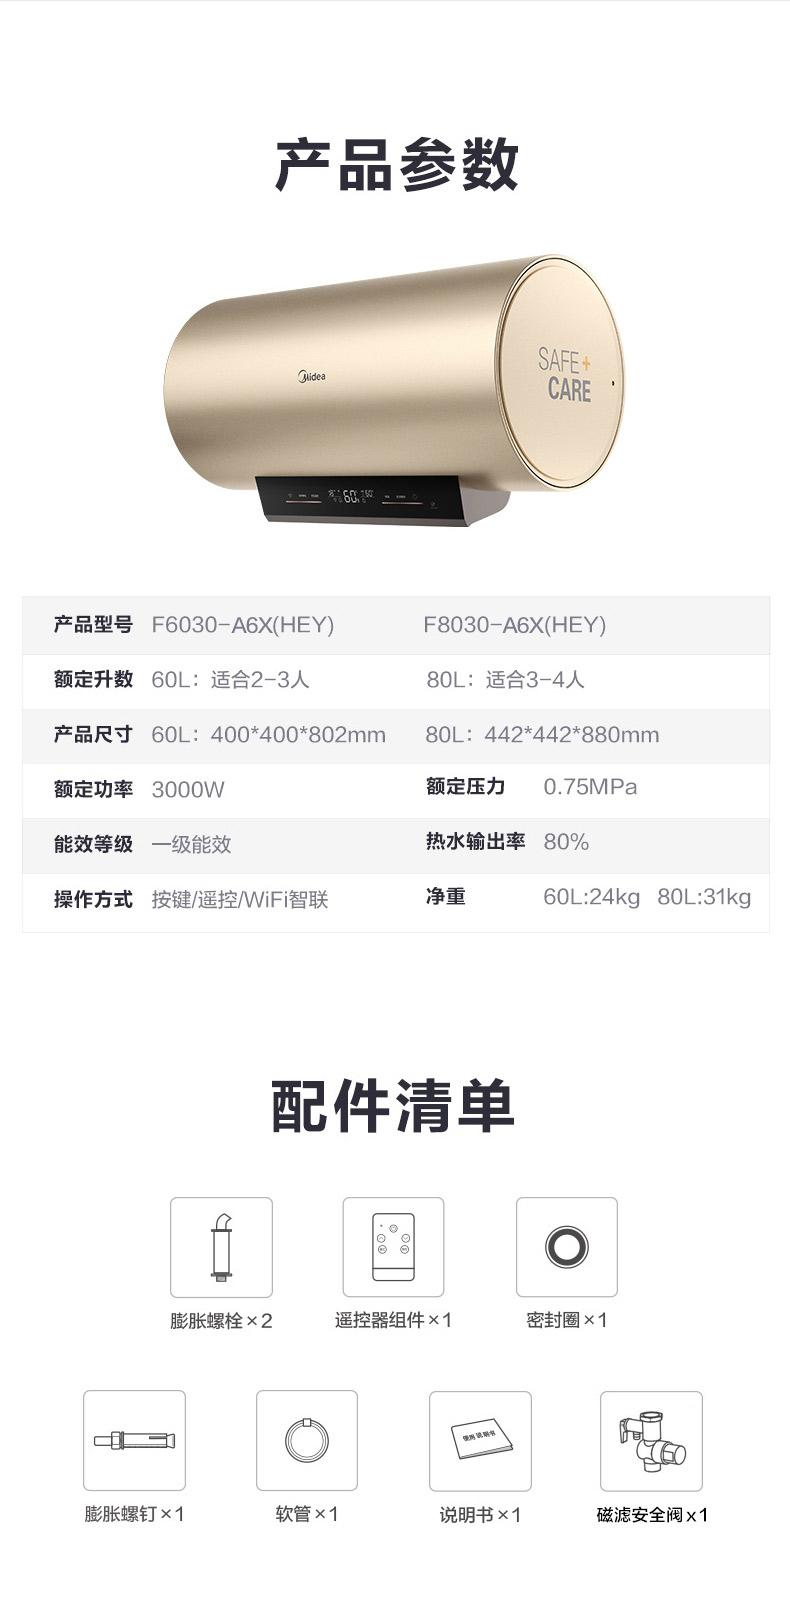 38275-美的(Midea)初见套系60升电热水器3000W速热九倍大水量 一级节能出水断电智能家电F6030-A6X(HEY) 以旧换新-详情图